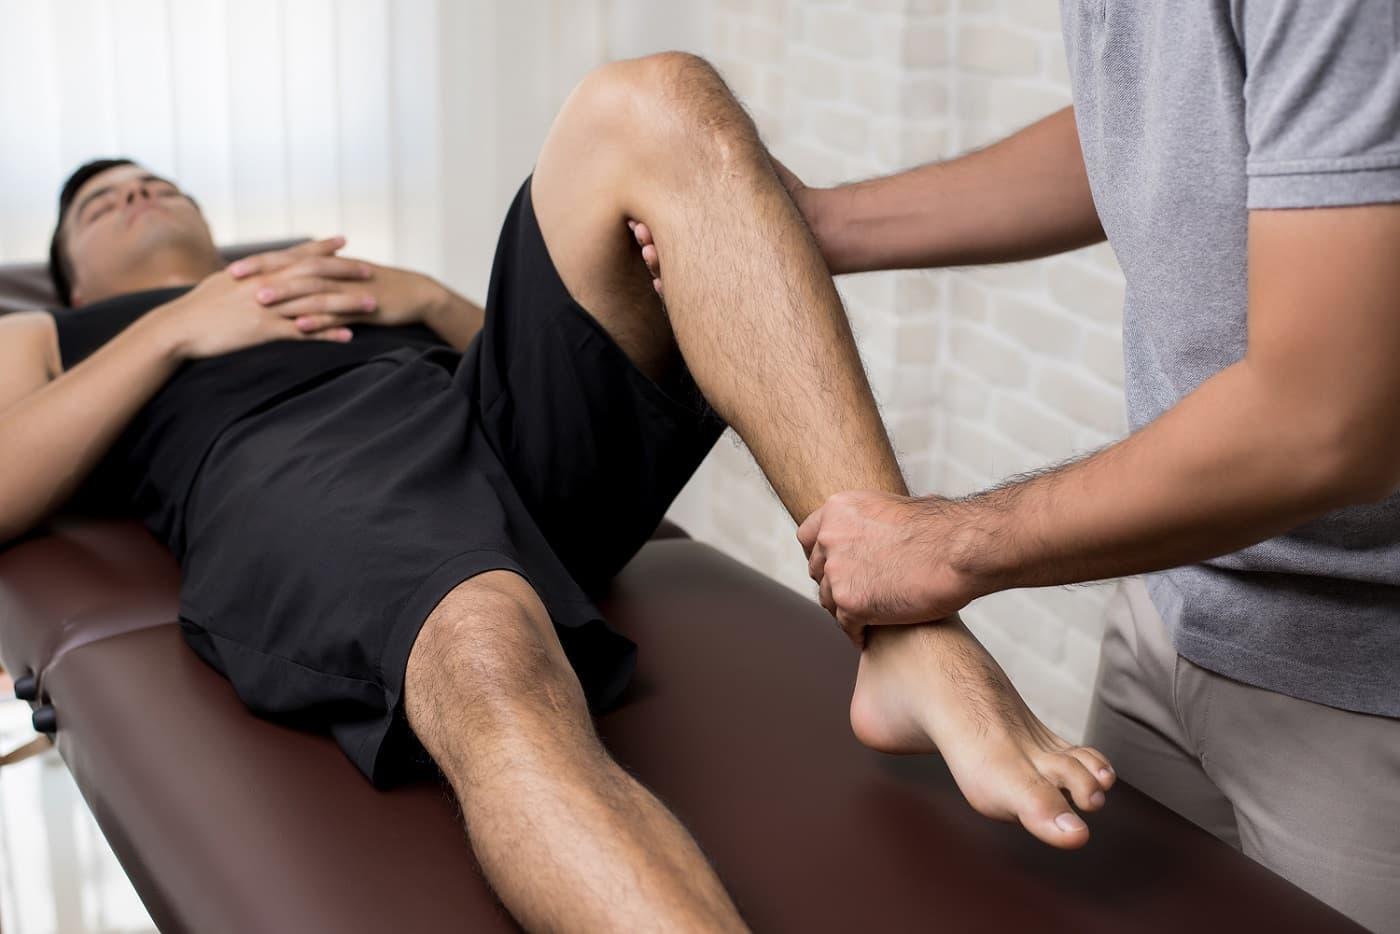 Imagen fisioterapeuta protección de datos